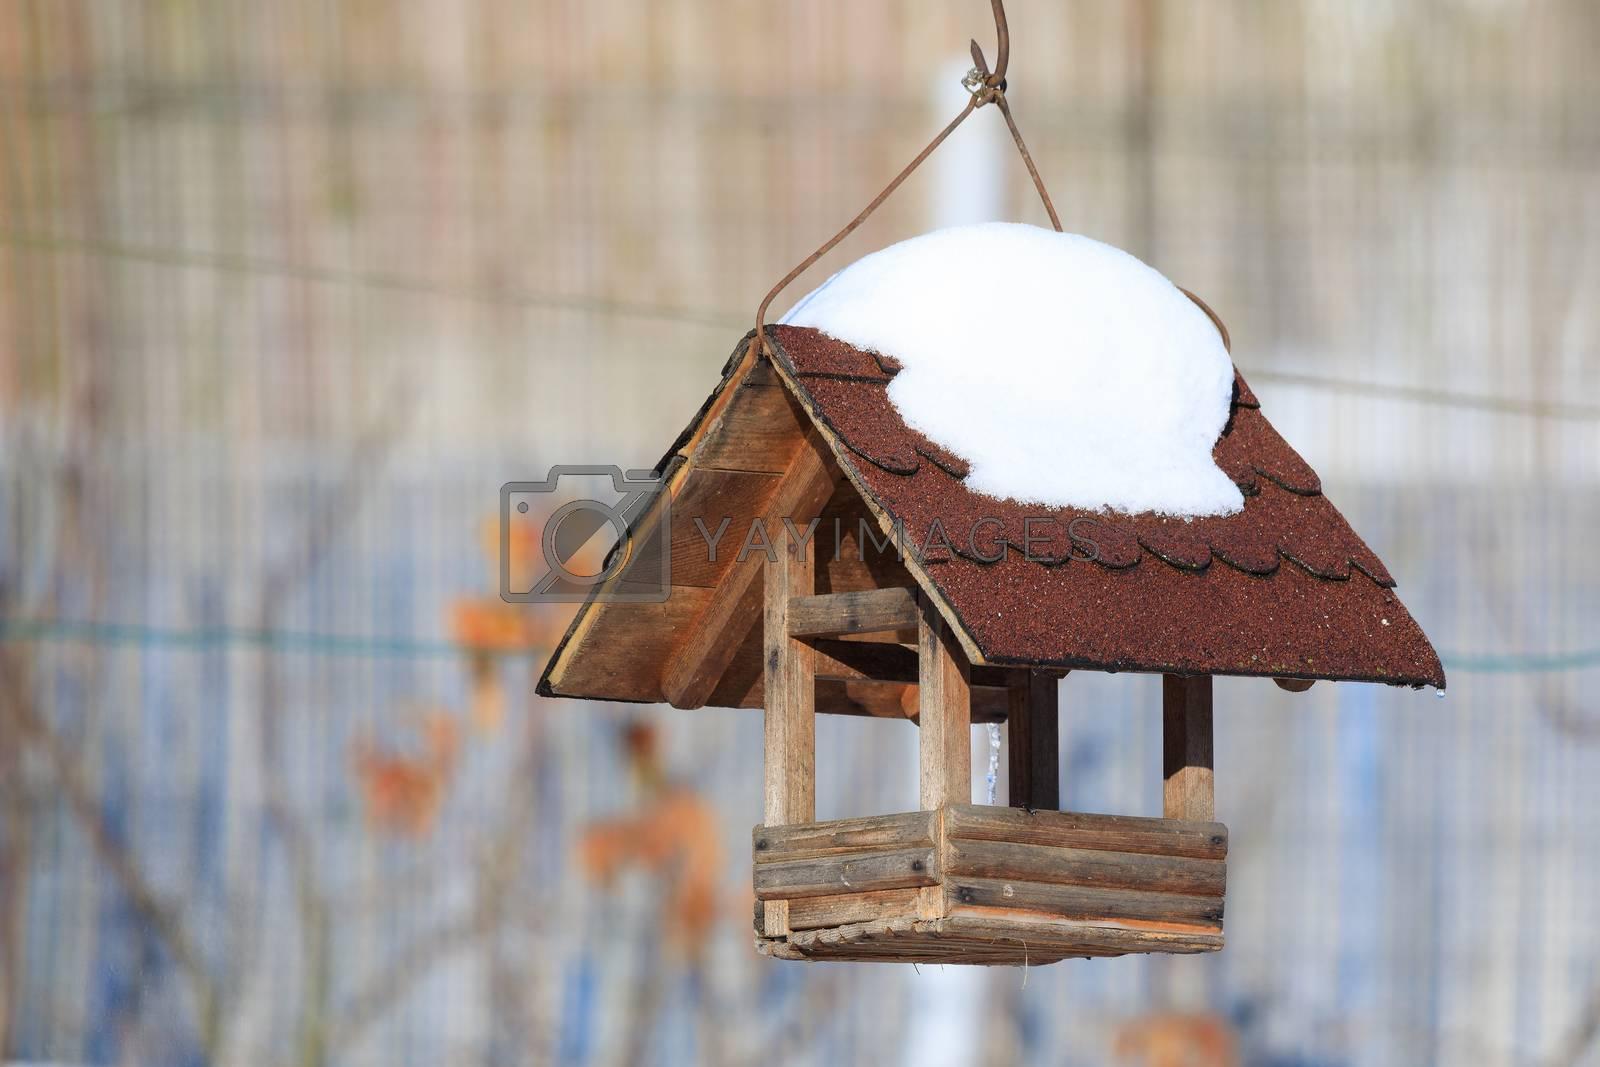 homemade wooden birdhouse, bird feeder installed on winter garden